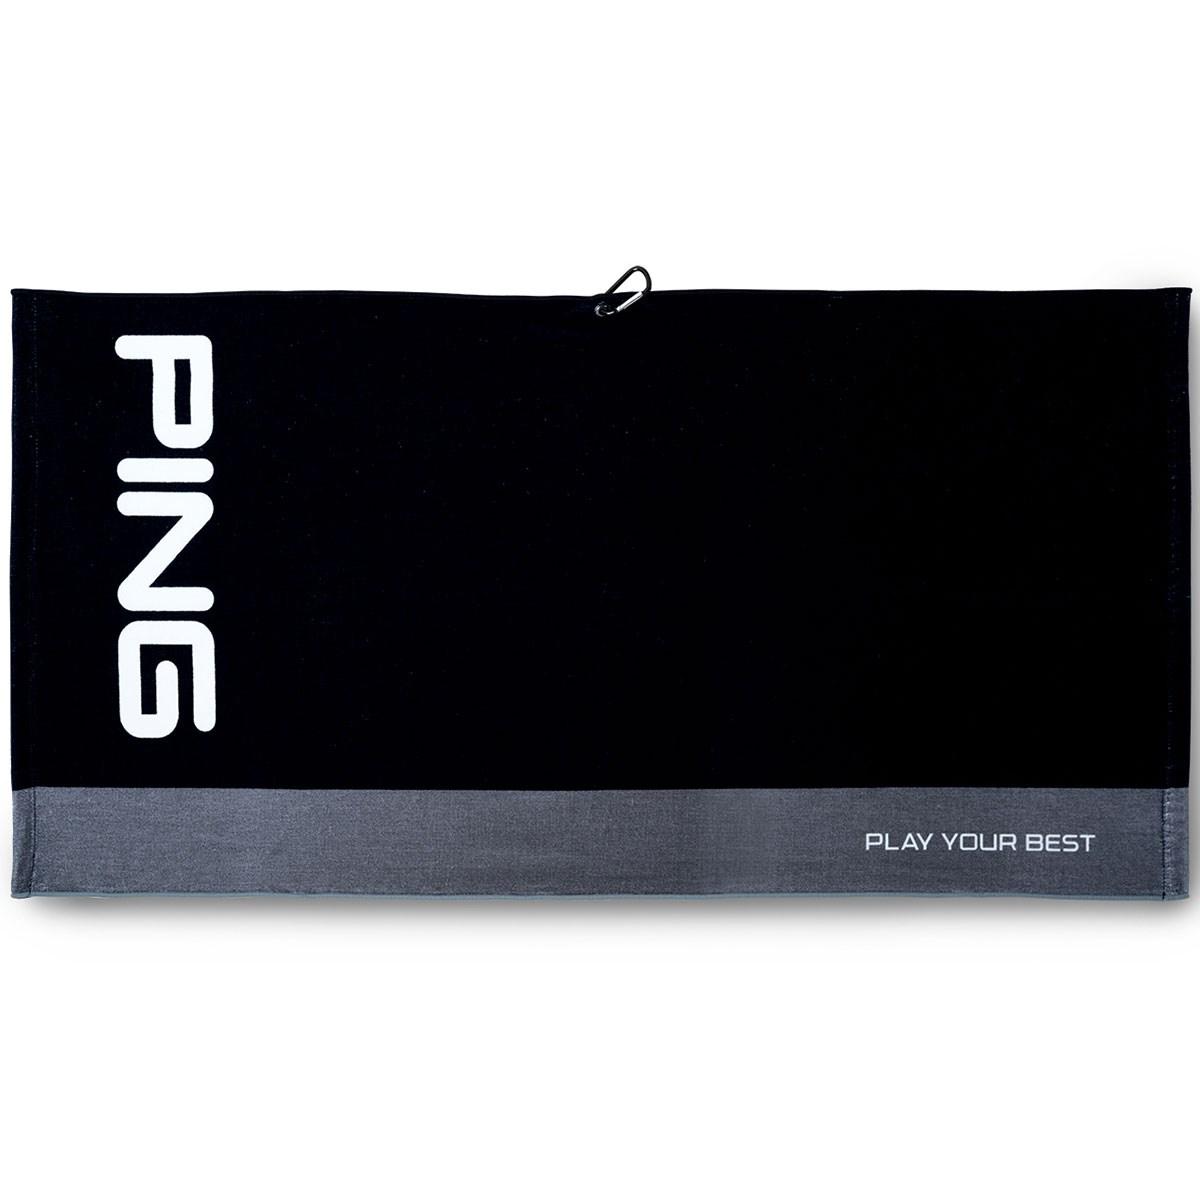 ピン PING タオル ブラック